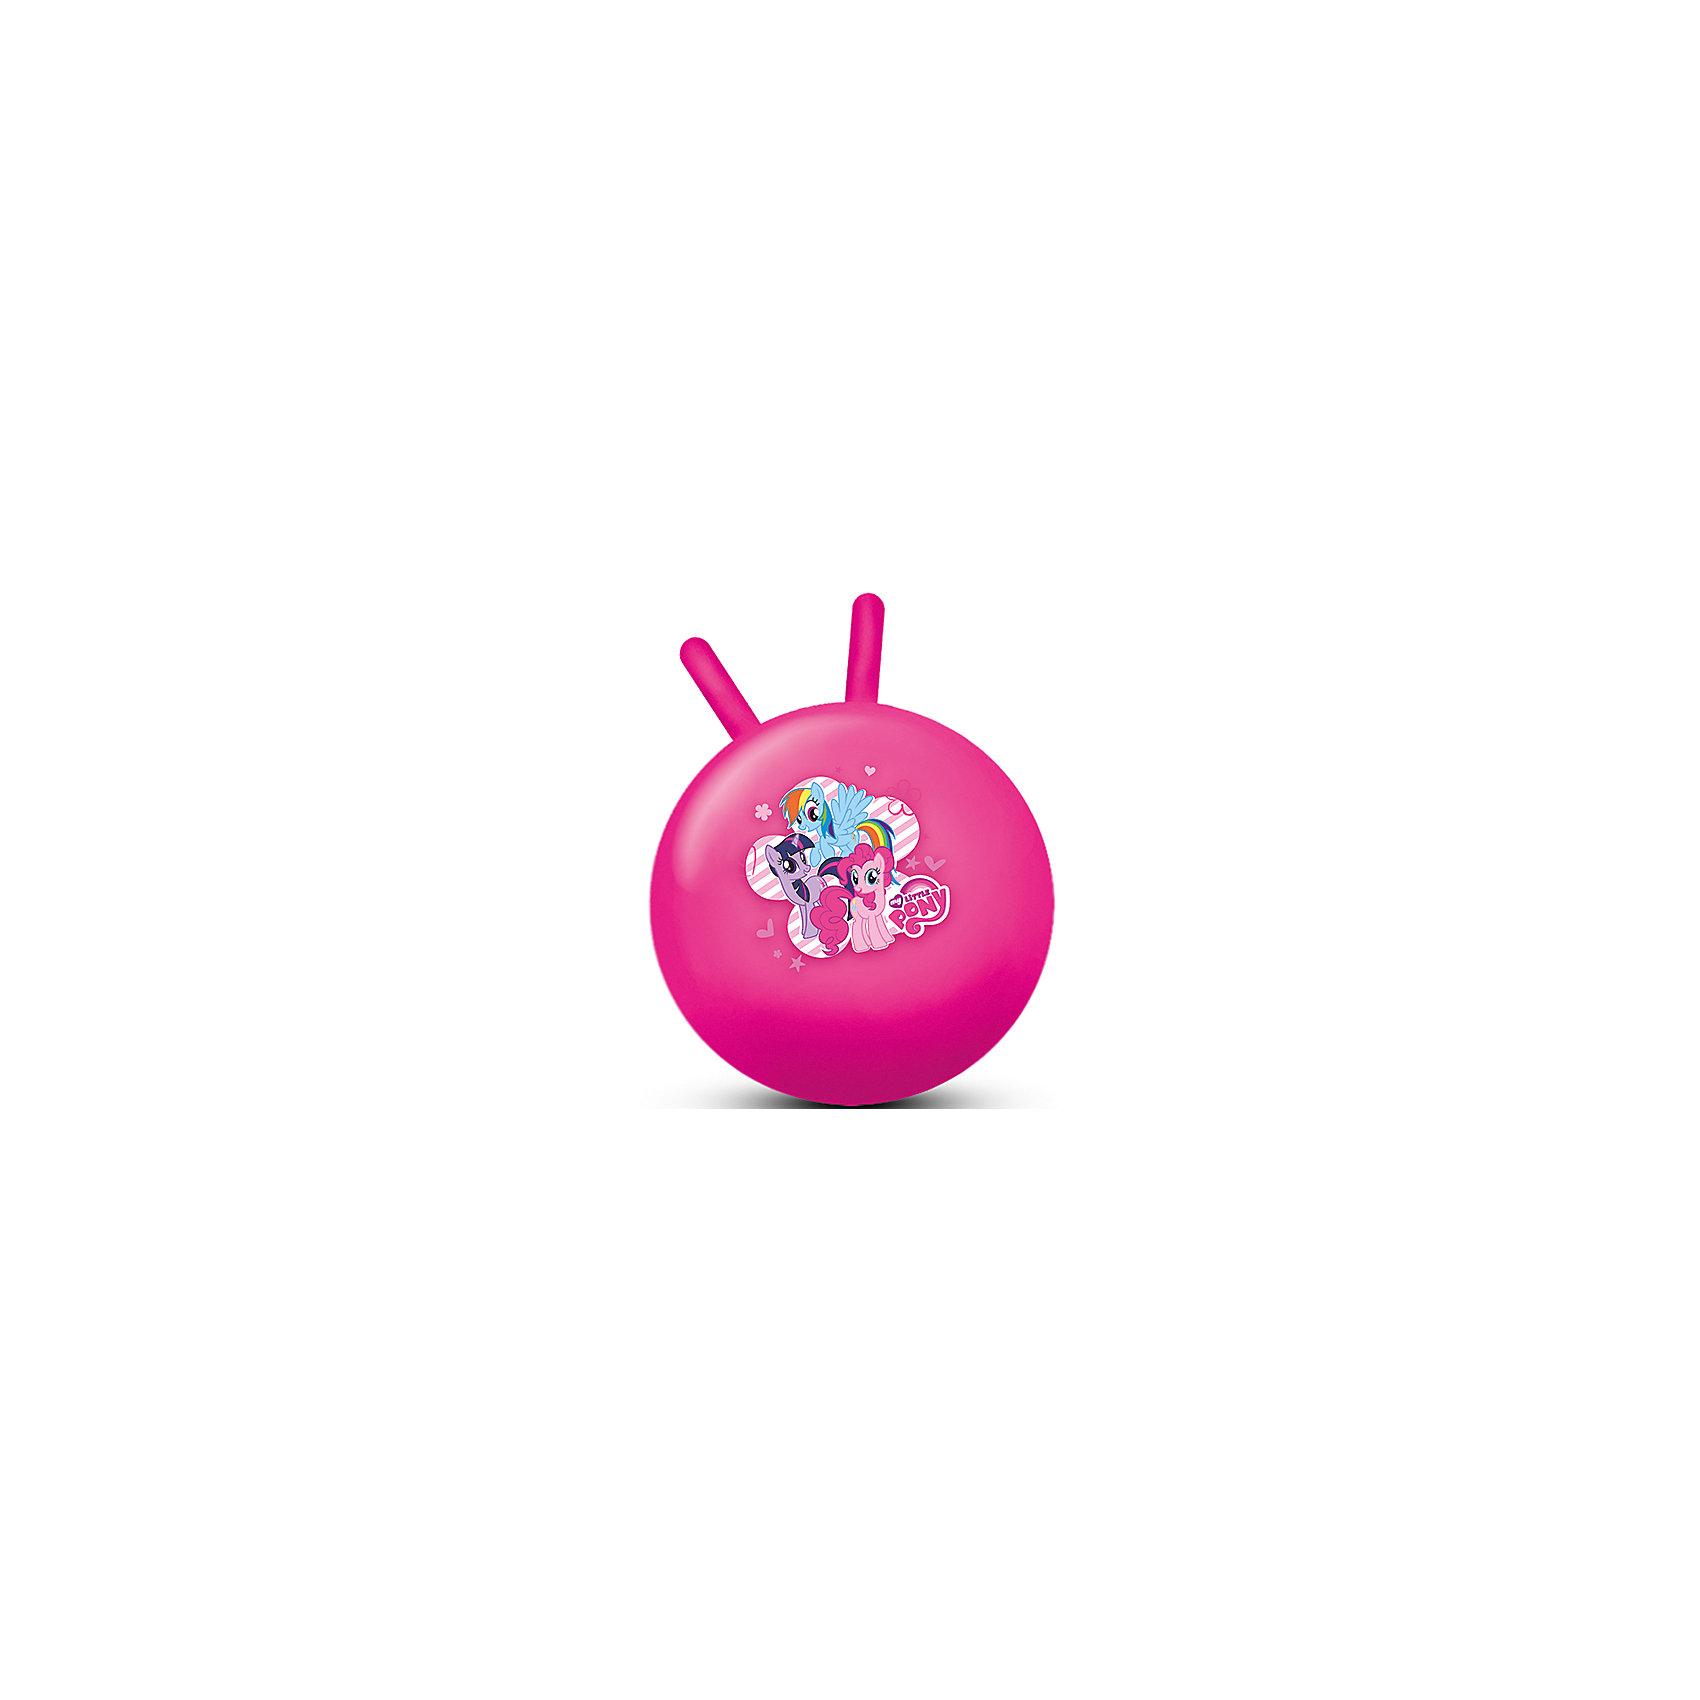 Мяч My Litlle Pony, 45 см, Играем ВместеМячи детские<br><br><br>Ширина мм: 180<br>Глубина мм: 80<br>Высота мм: 240<br>Вес г: 660<br>Возраст от месяцев: 36<br>Возраст до месяцев: 60<br>Пол: Унисекс<br>Возраст: Детский<br>SKU: 6848817